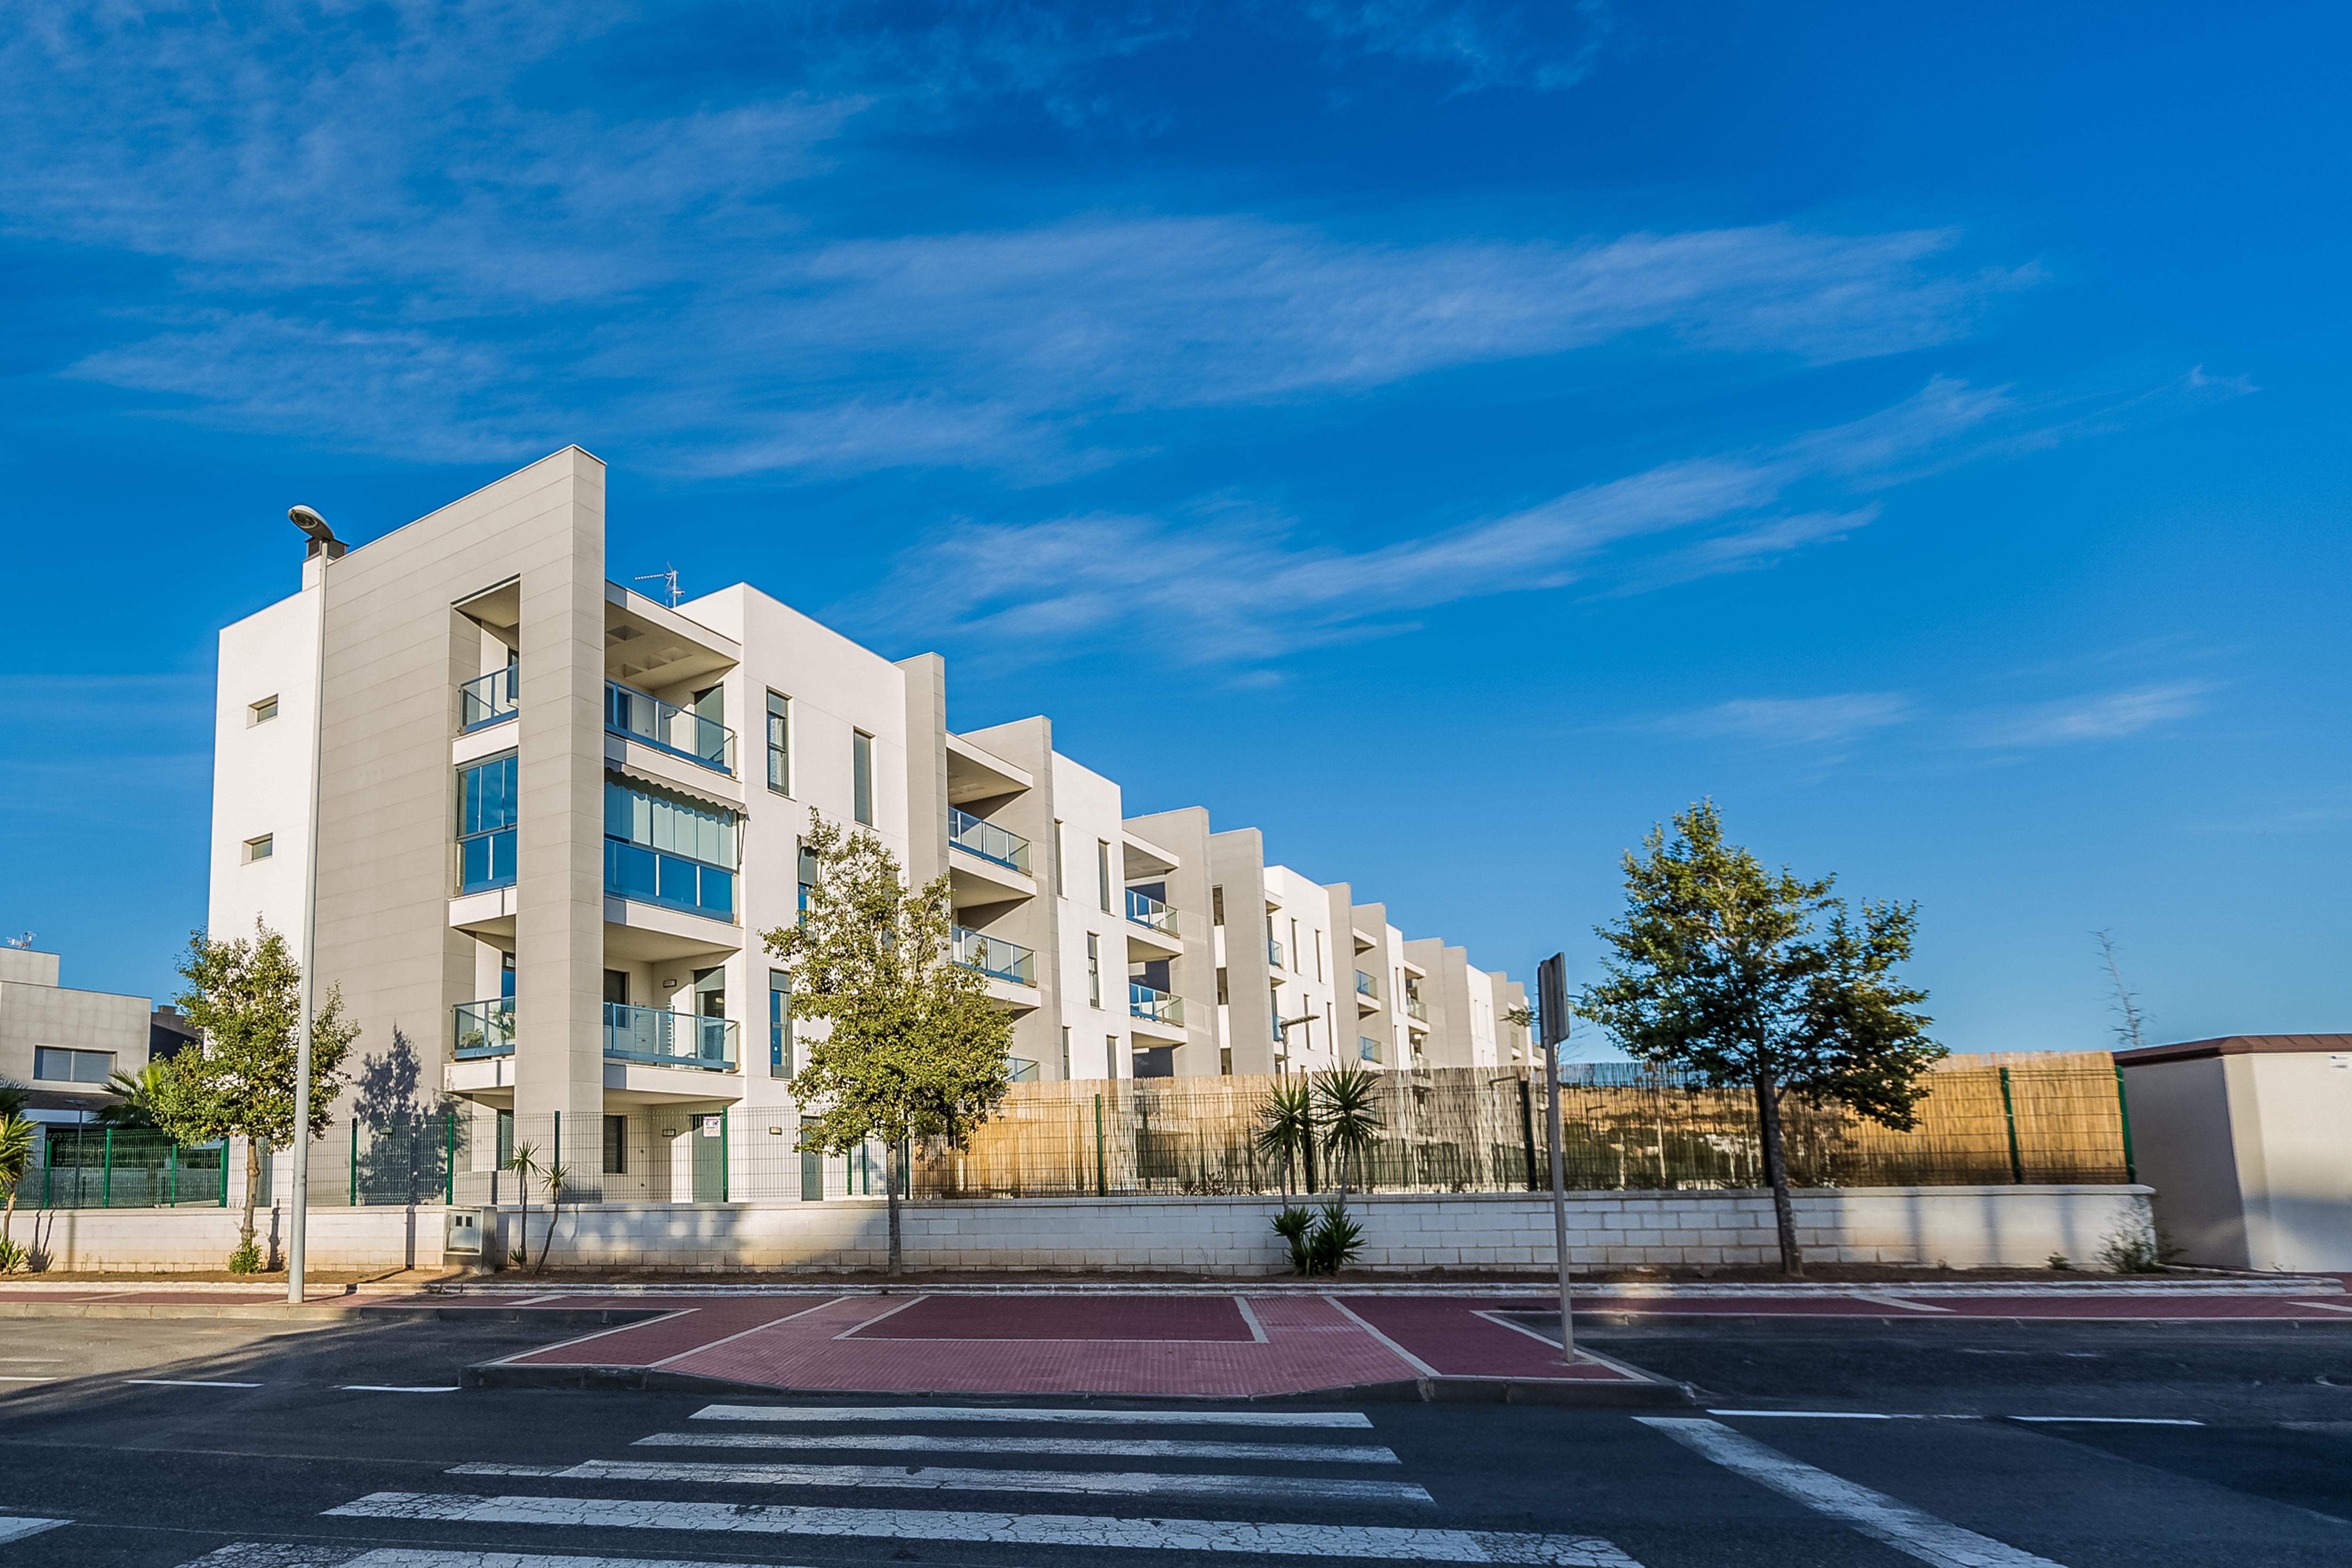 Piso en venta en Piso en El Ejido, Almería, 133.000 €, 2 habitaciones, 1 baño, 77 m2, Garaje